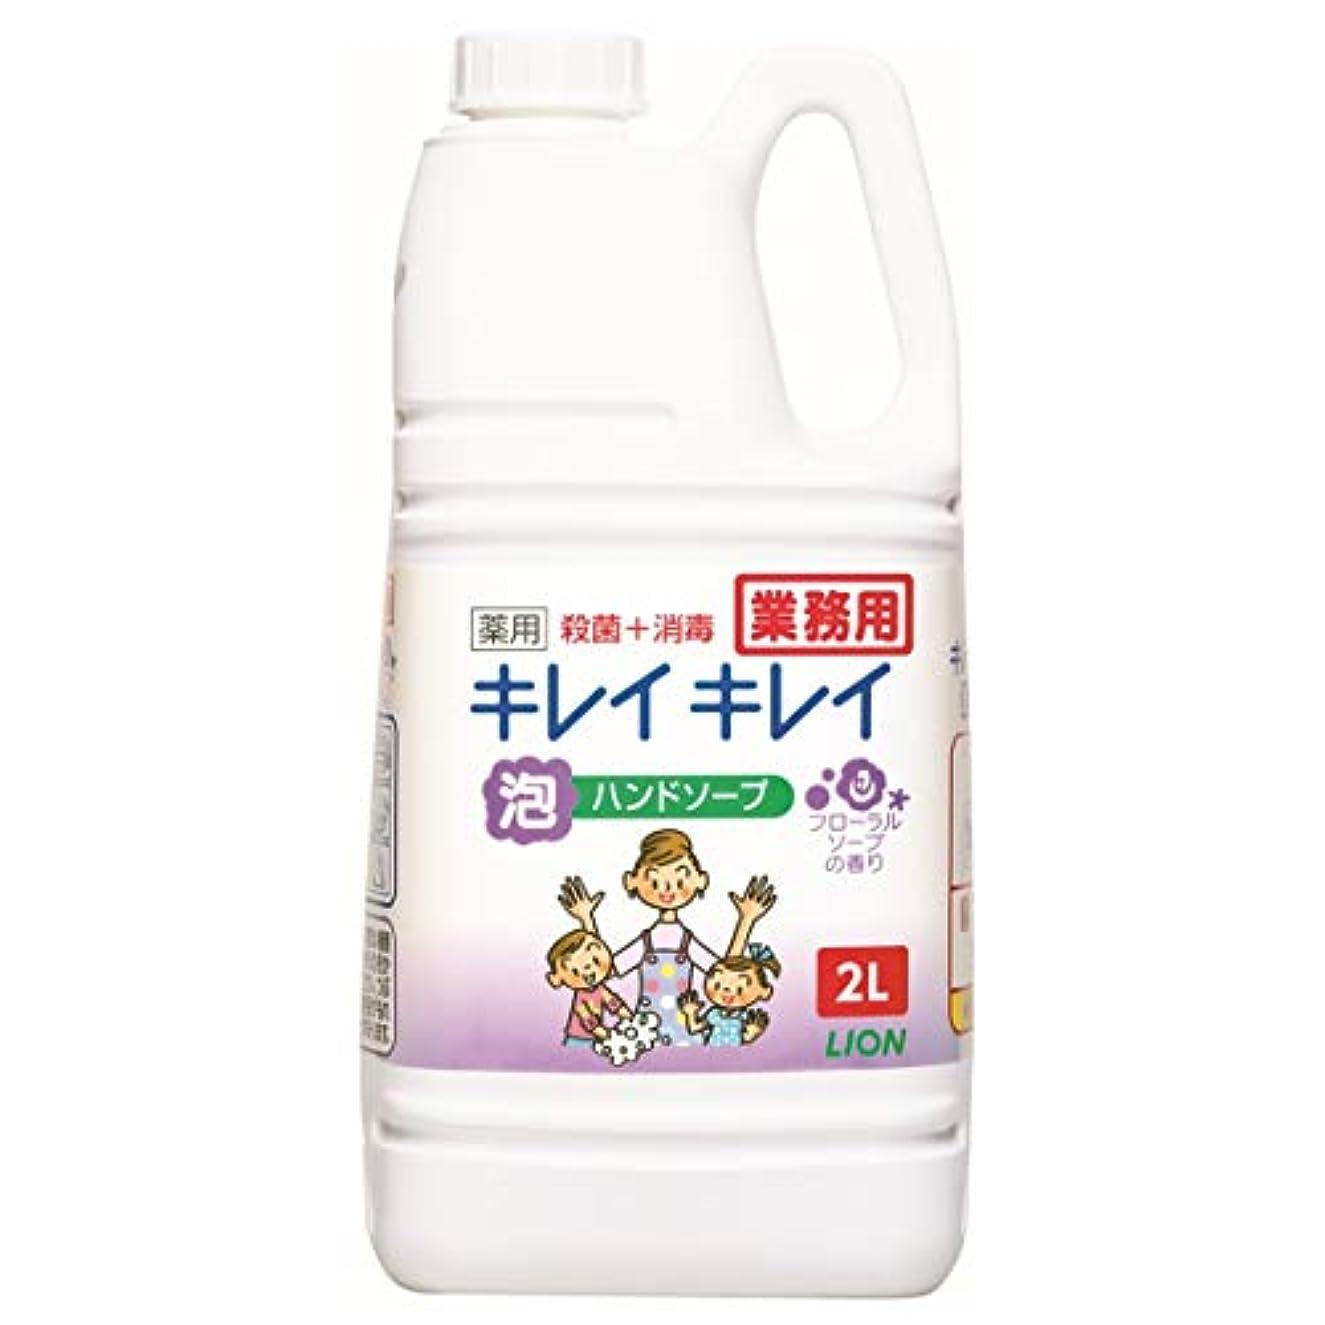 不要驚いた遅い【大容量】キレイキレイ 薬用泡ハンドソープ フローラルソープの香り 2L